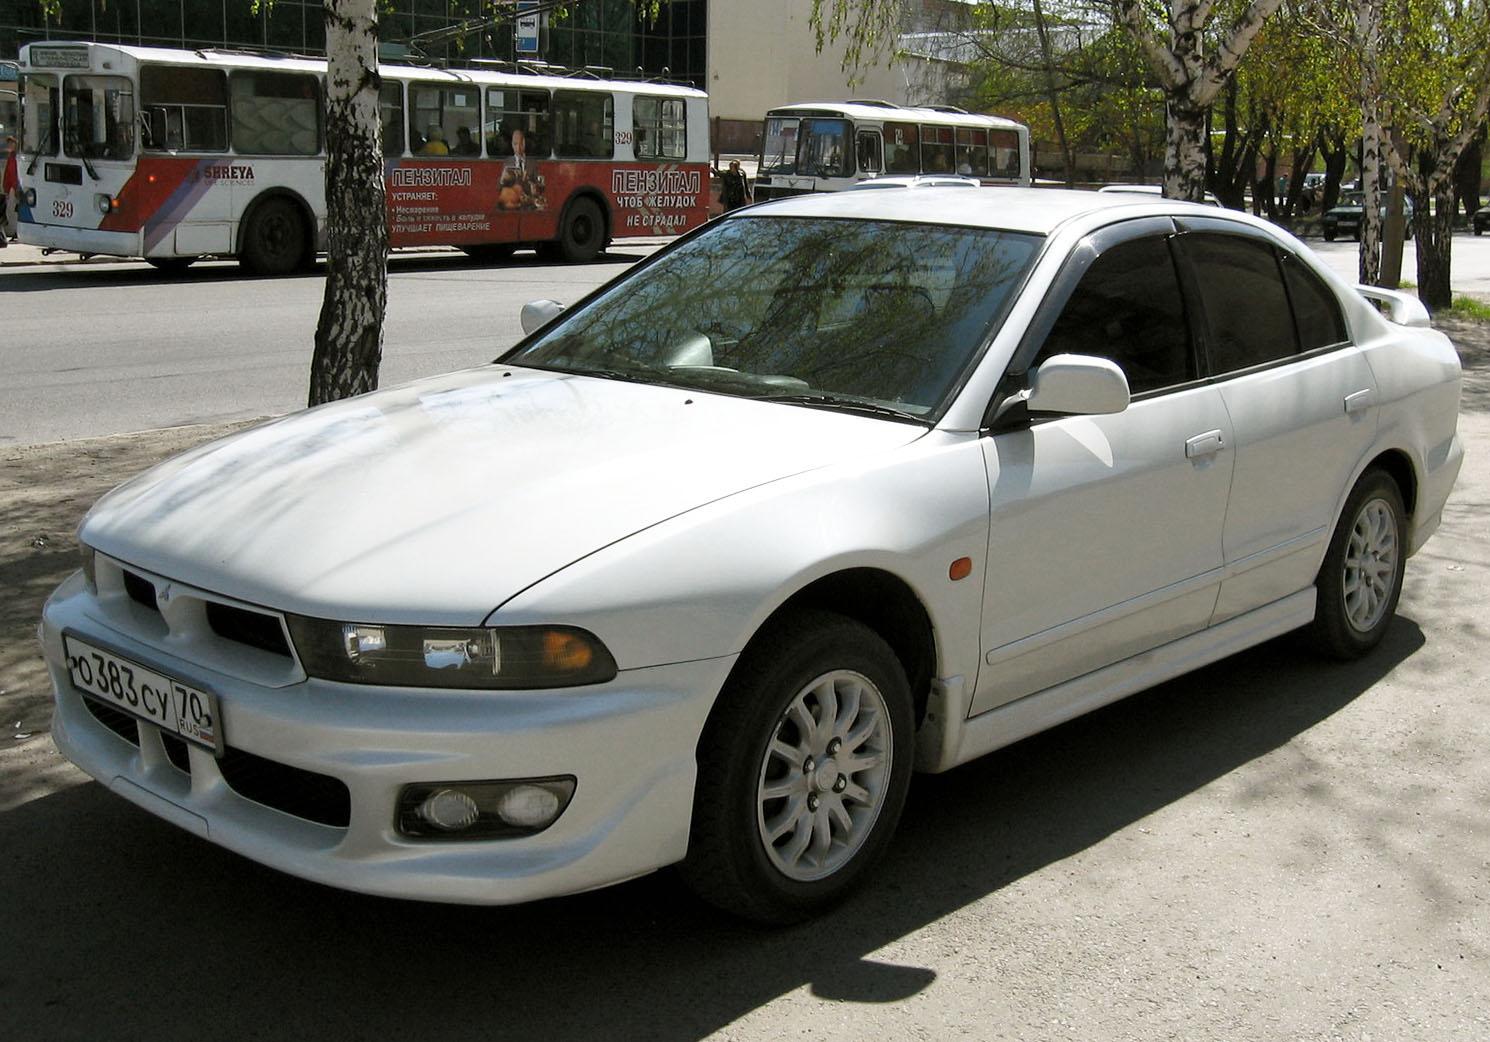 File:1998 Mitsubishi Galant 01.jpg - Wikimedia Commons